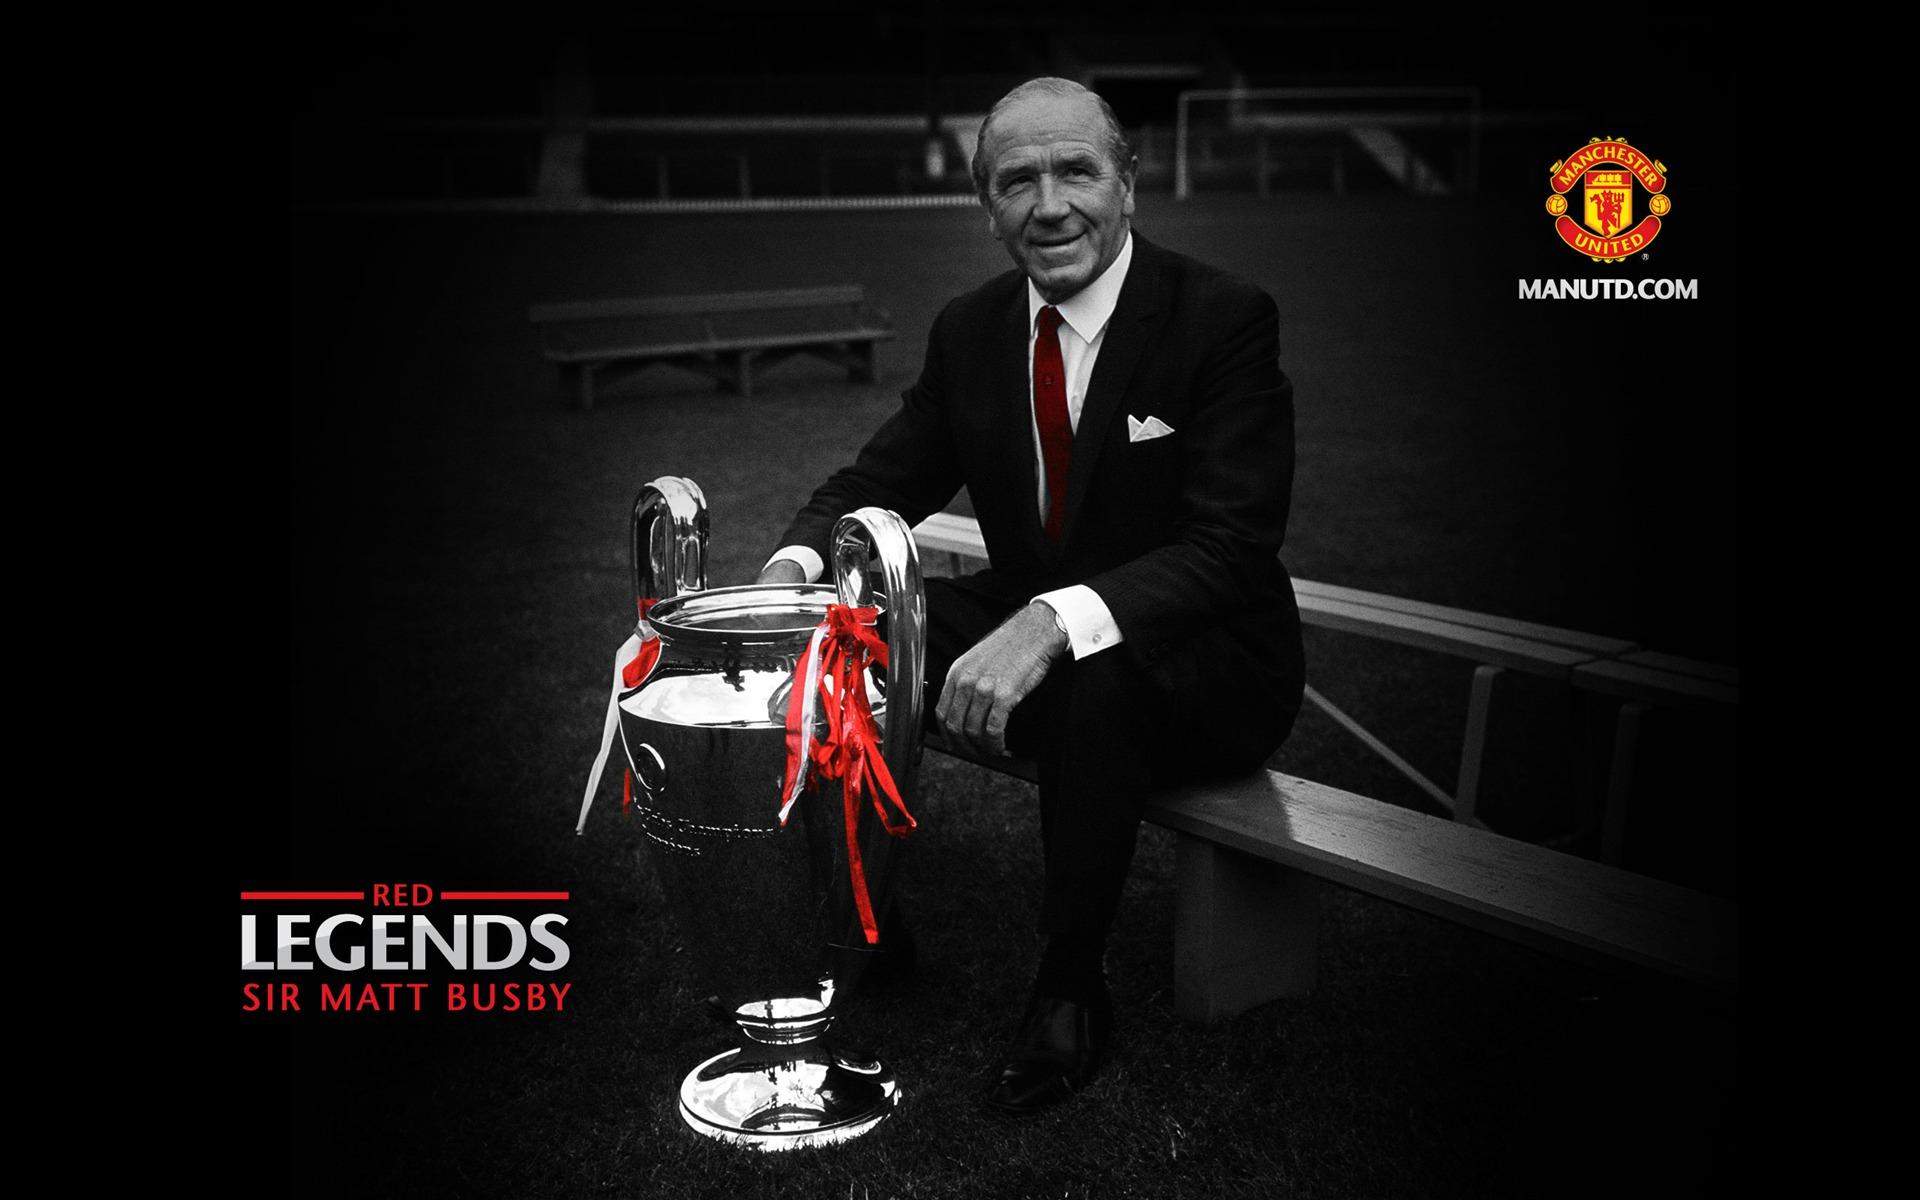 Sir Matt Red Legends Manchester United  Mystery Wallpaper